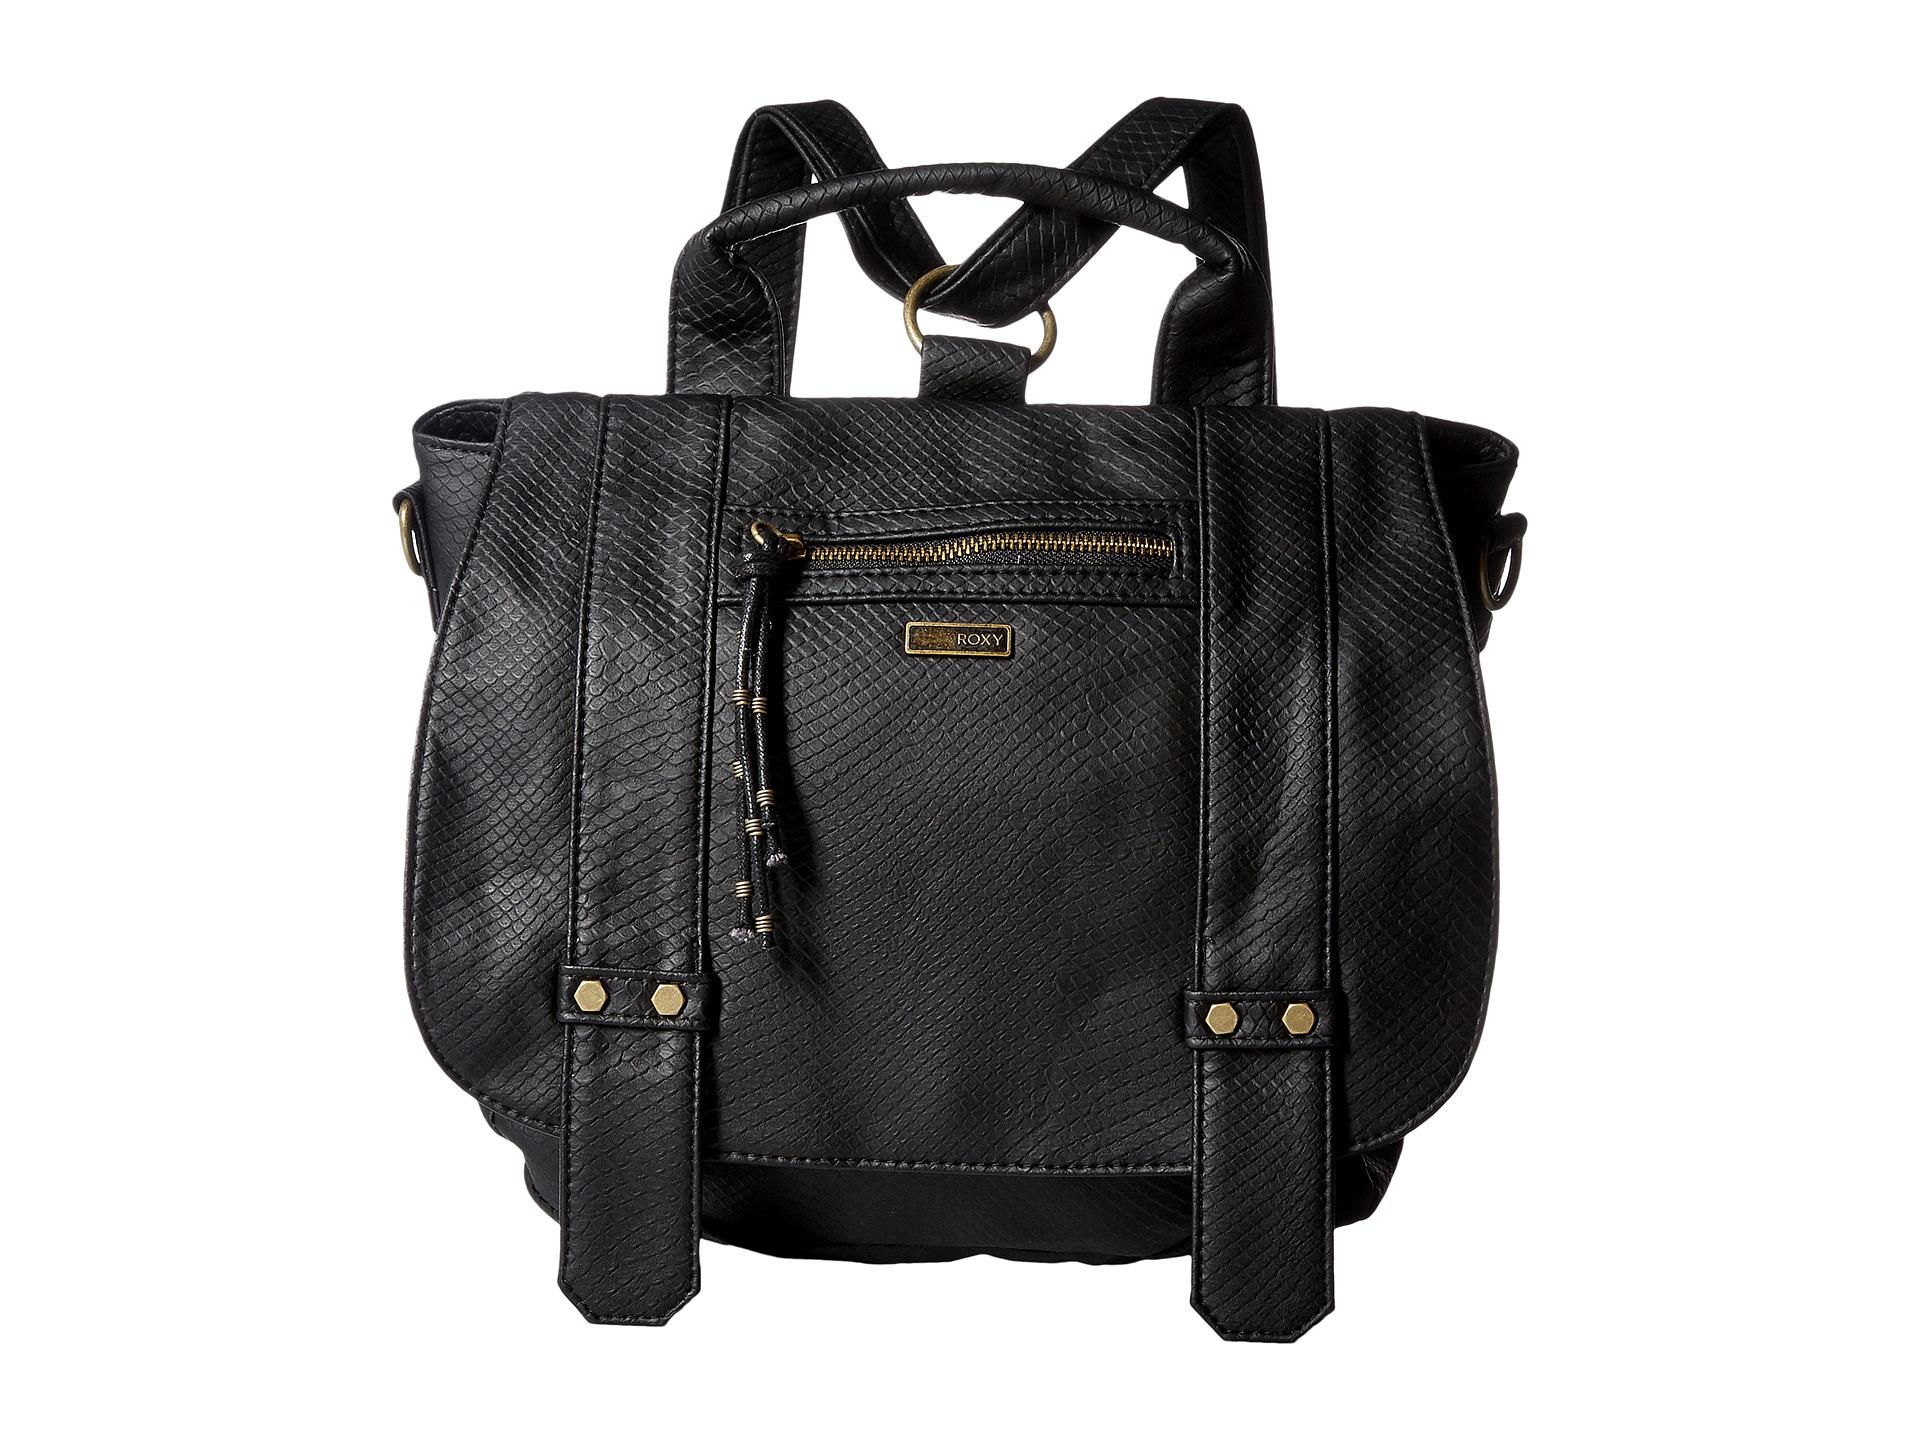 09c669f46e05 Lyst - Roxy Magnolia Bay Bag in Black